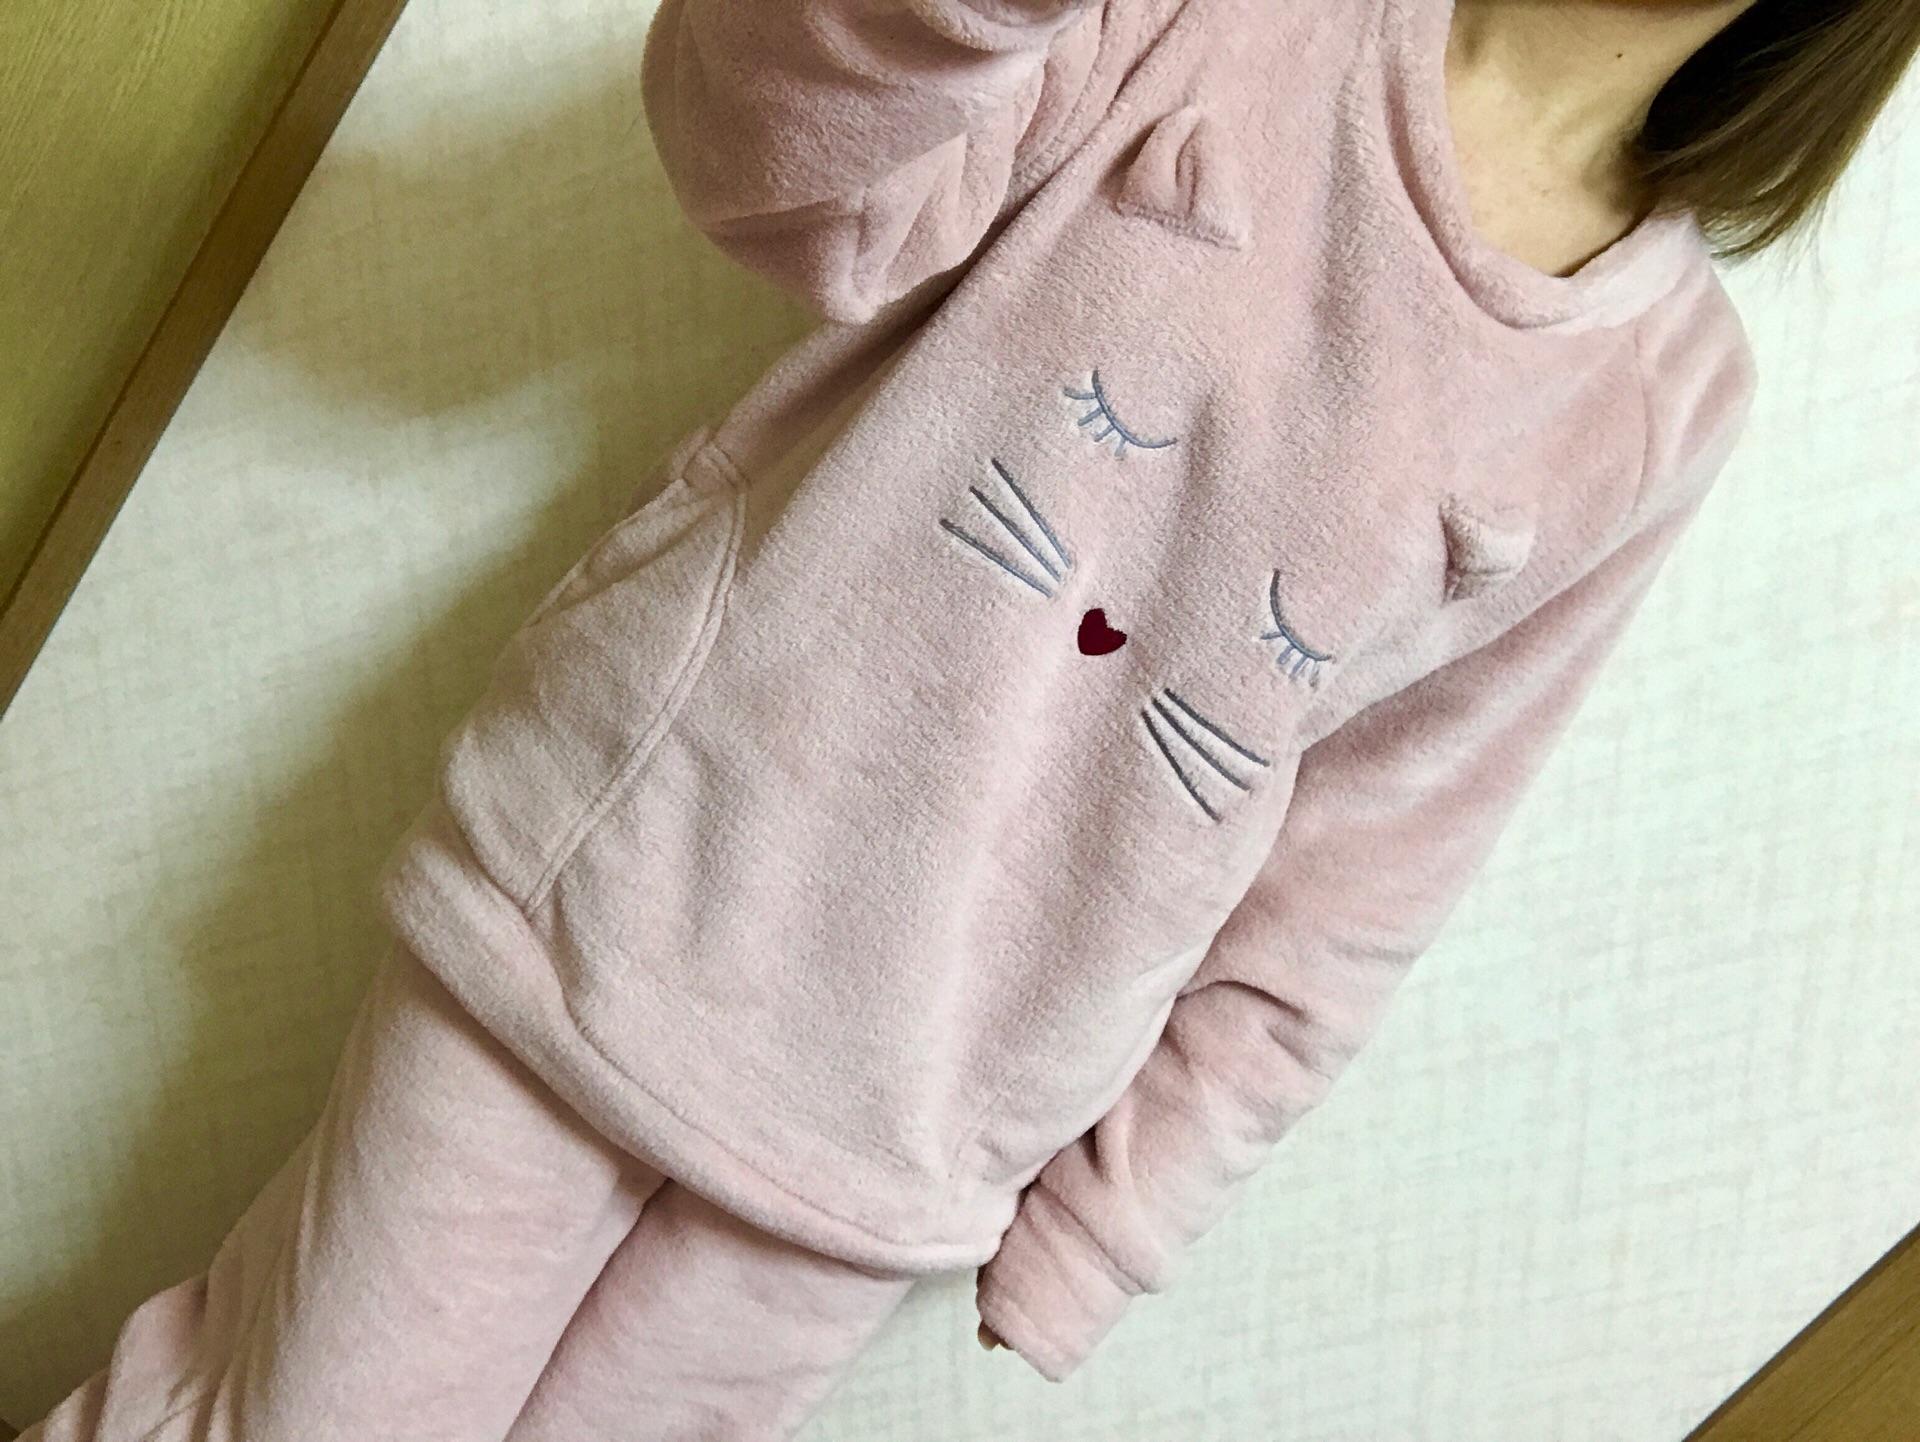 【GU】パジャマを新調して気分一新!着るだけでアガる《マシュマロフィールラウンジ》♡_3